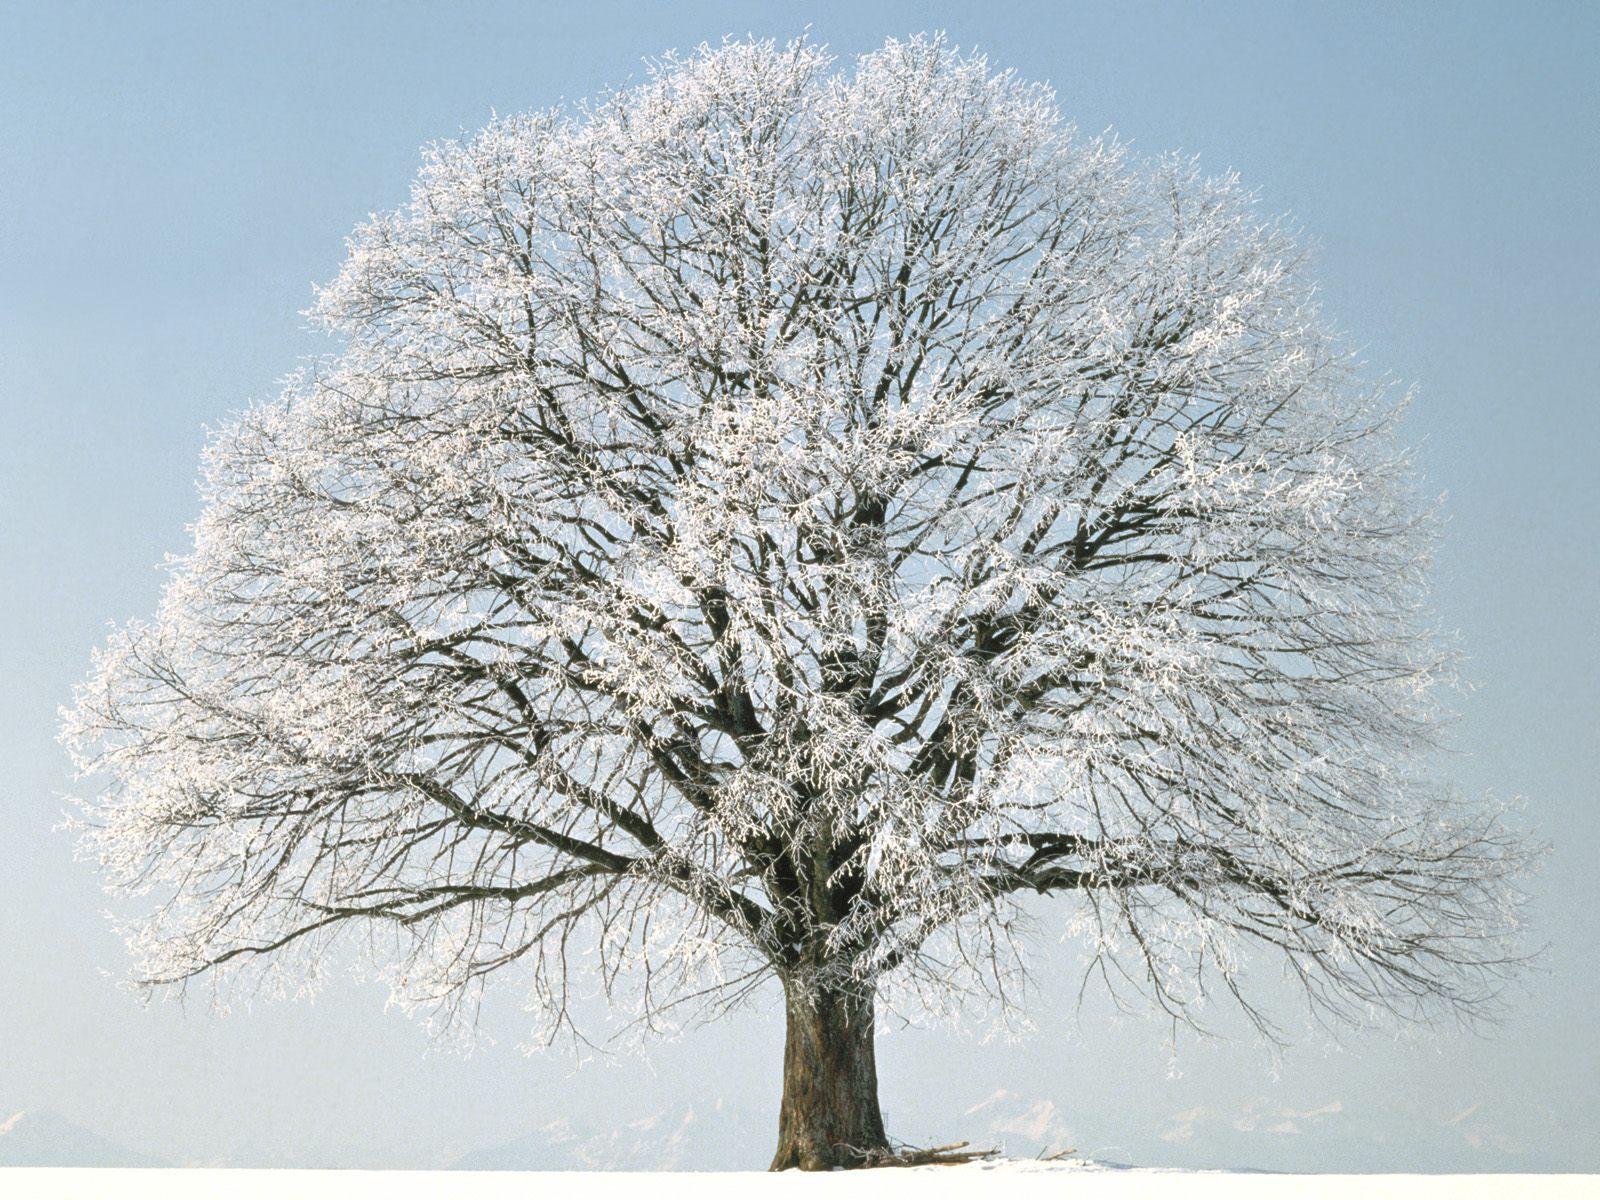 Images: 712124-winter-tree-desktop-wallpaper-1600x1200